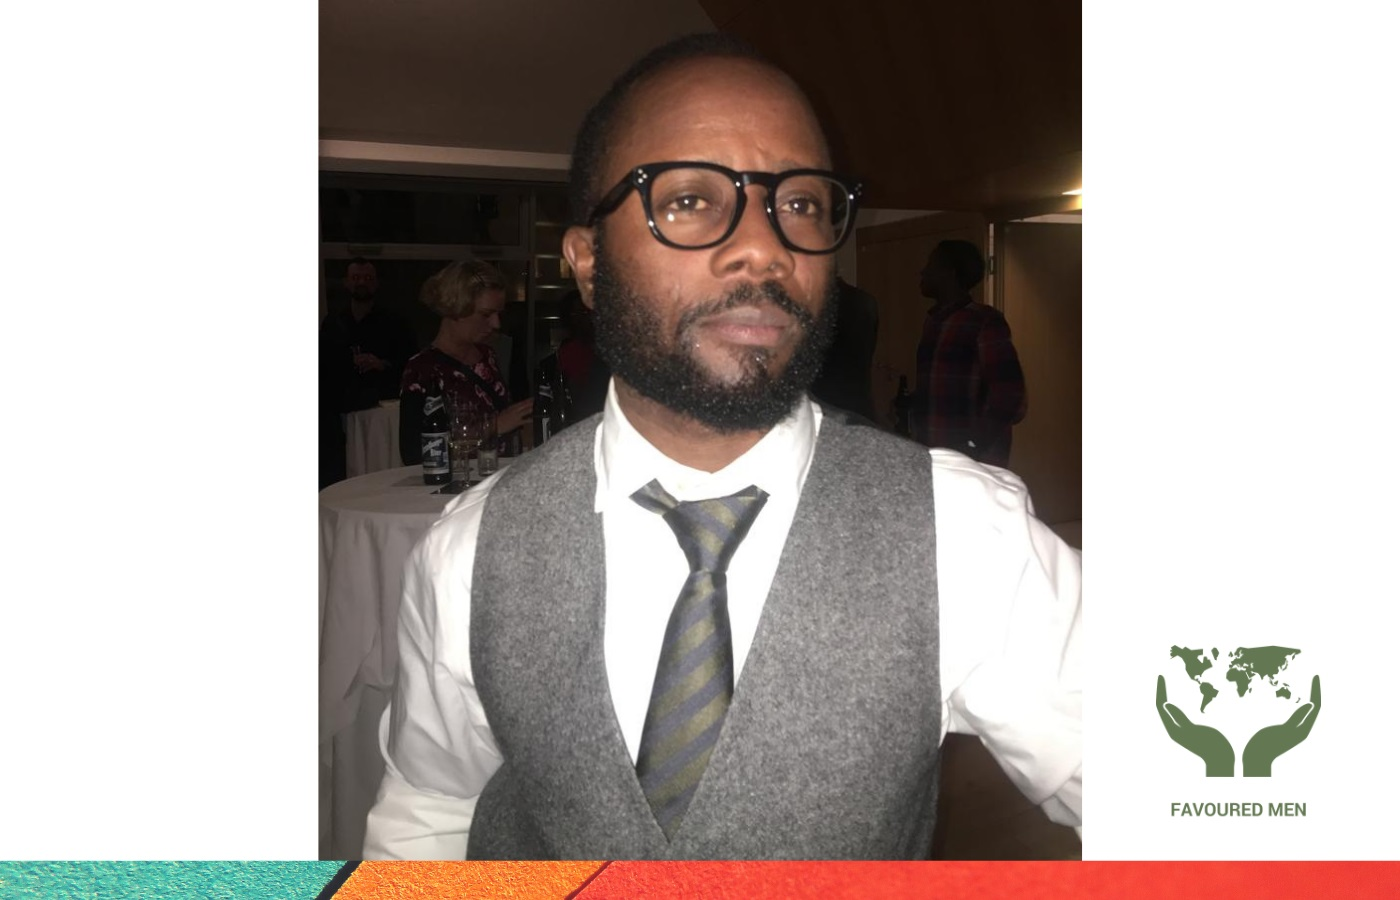 Favoured Men ngo website NGO Afrika (Favoured Men) NGO österreich Favoured Men Sidney Kingsley Ndego